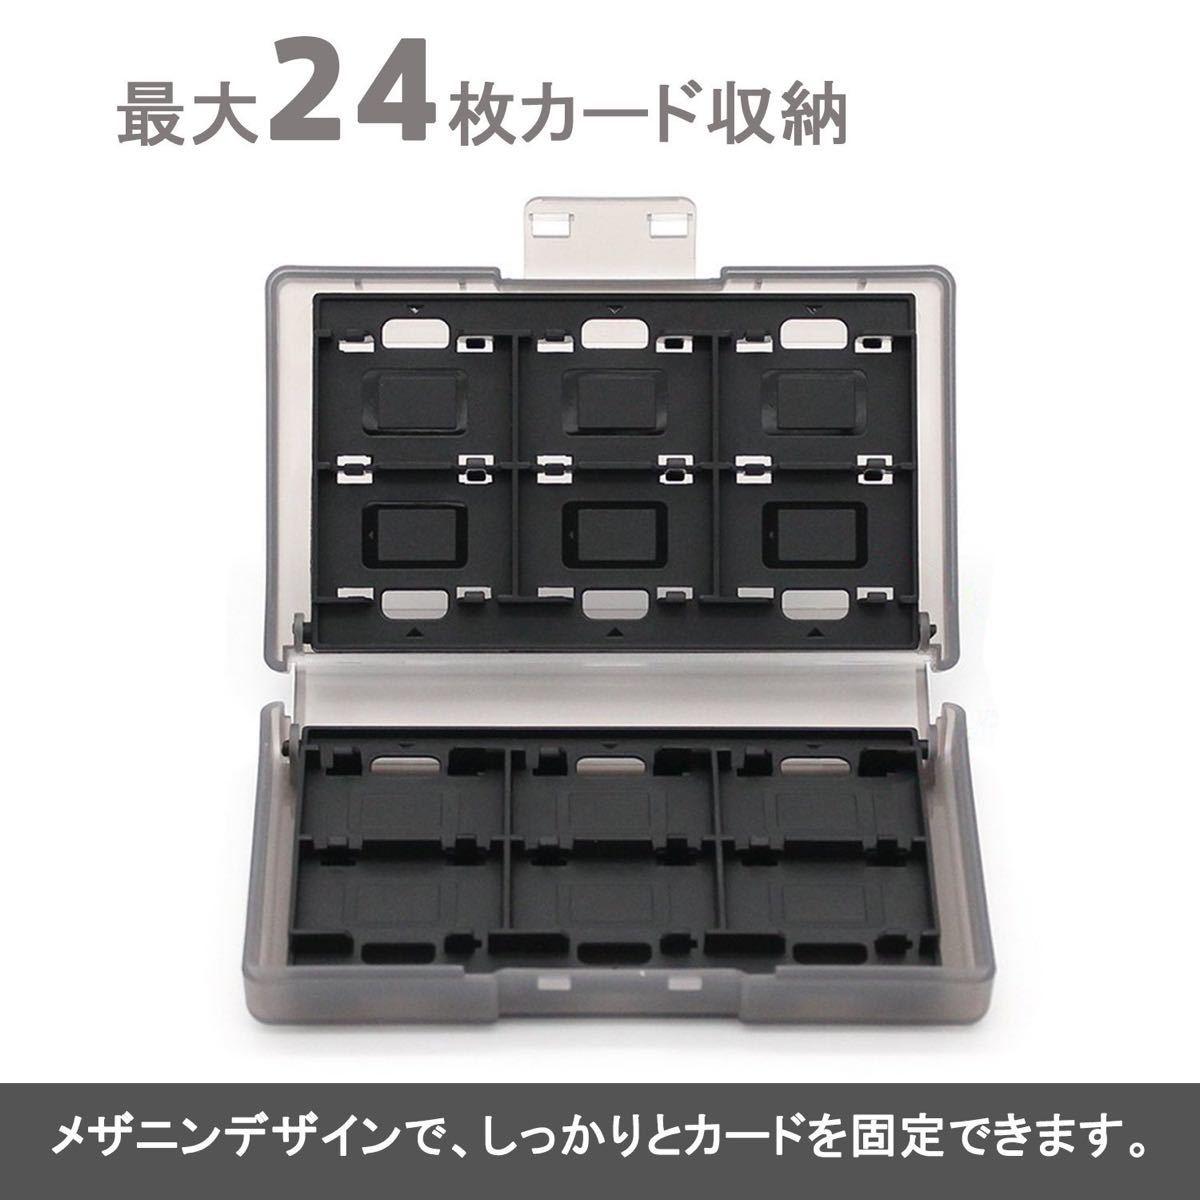 ニンテンドー スイッチ 対応 任天堂スイッチ カードケース24(ホワイト)